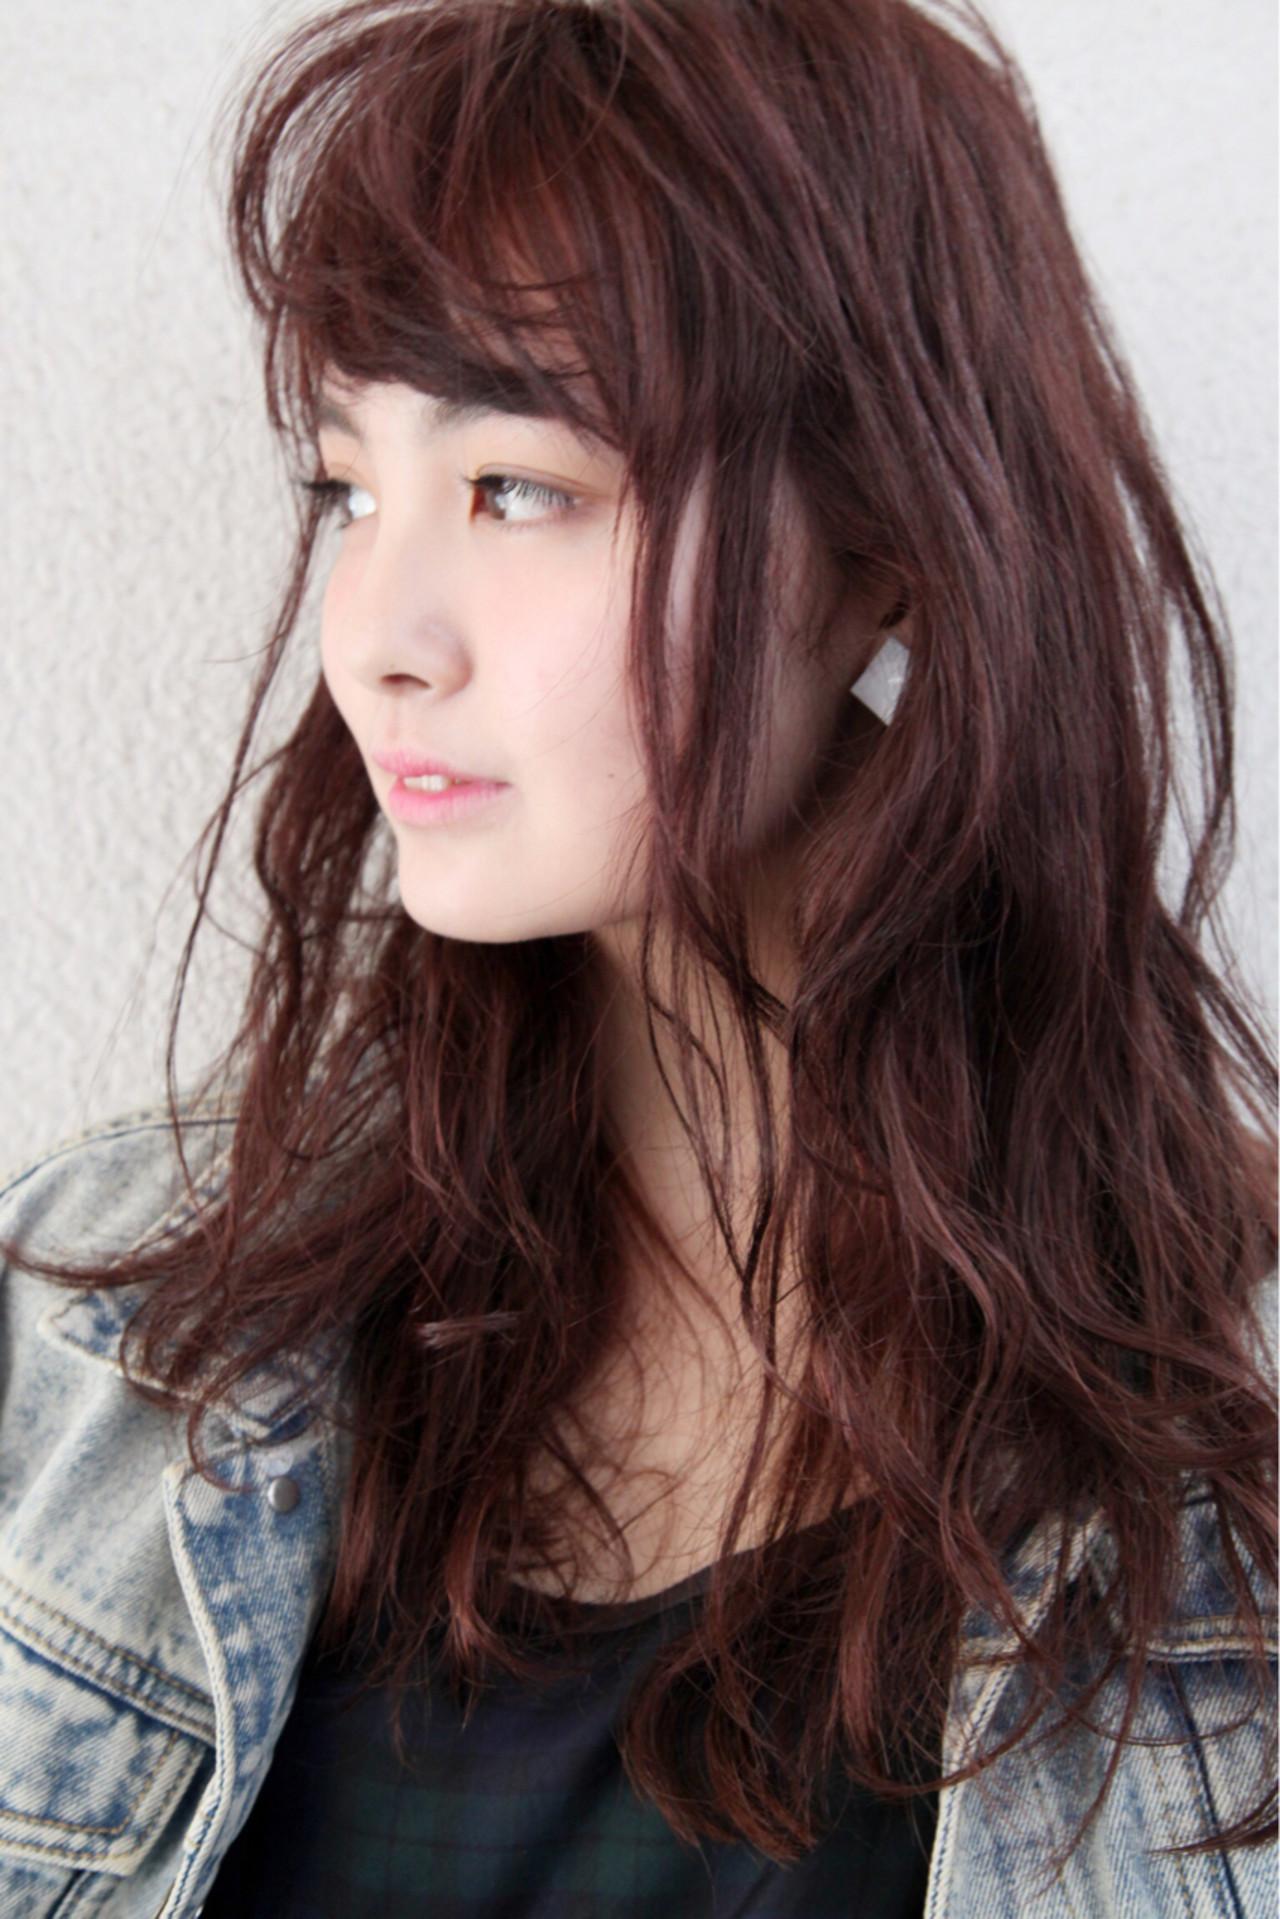 ウェーブ かわいい ロング パーマ ヘアスタイルや髪型の写真・画像 | ayamimurakami / KOCHAB